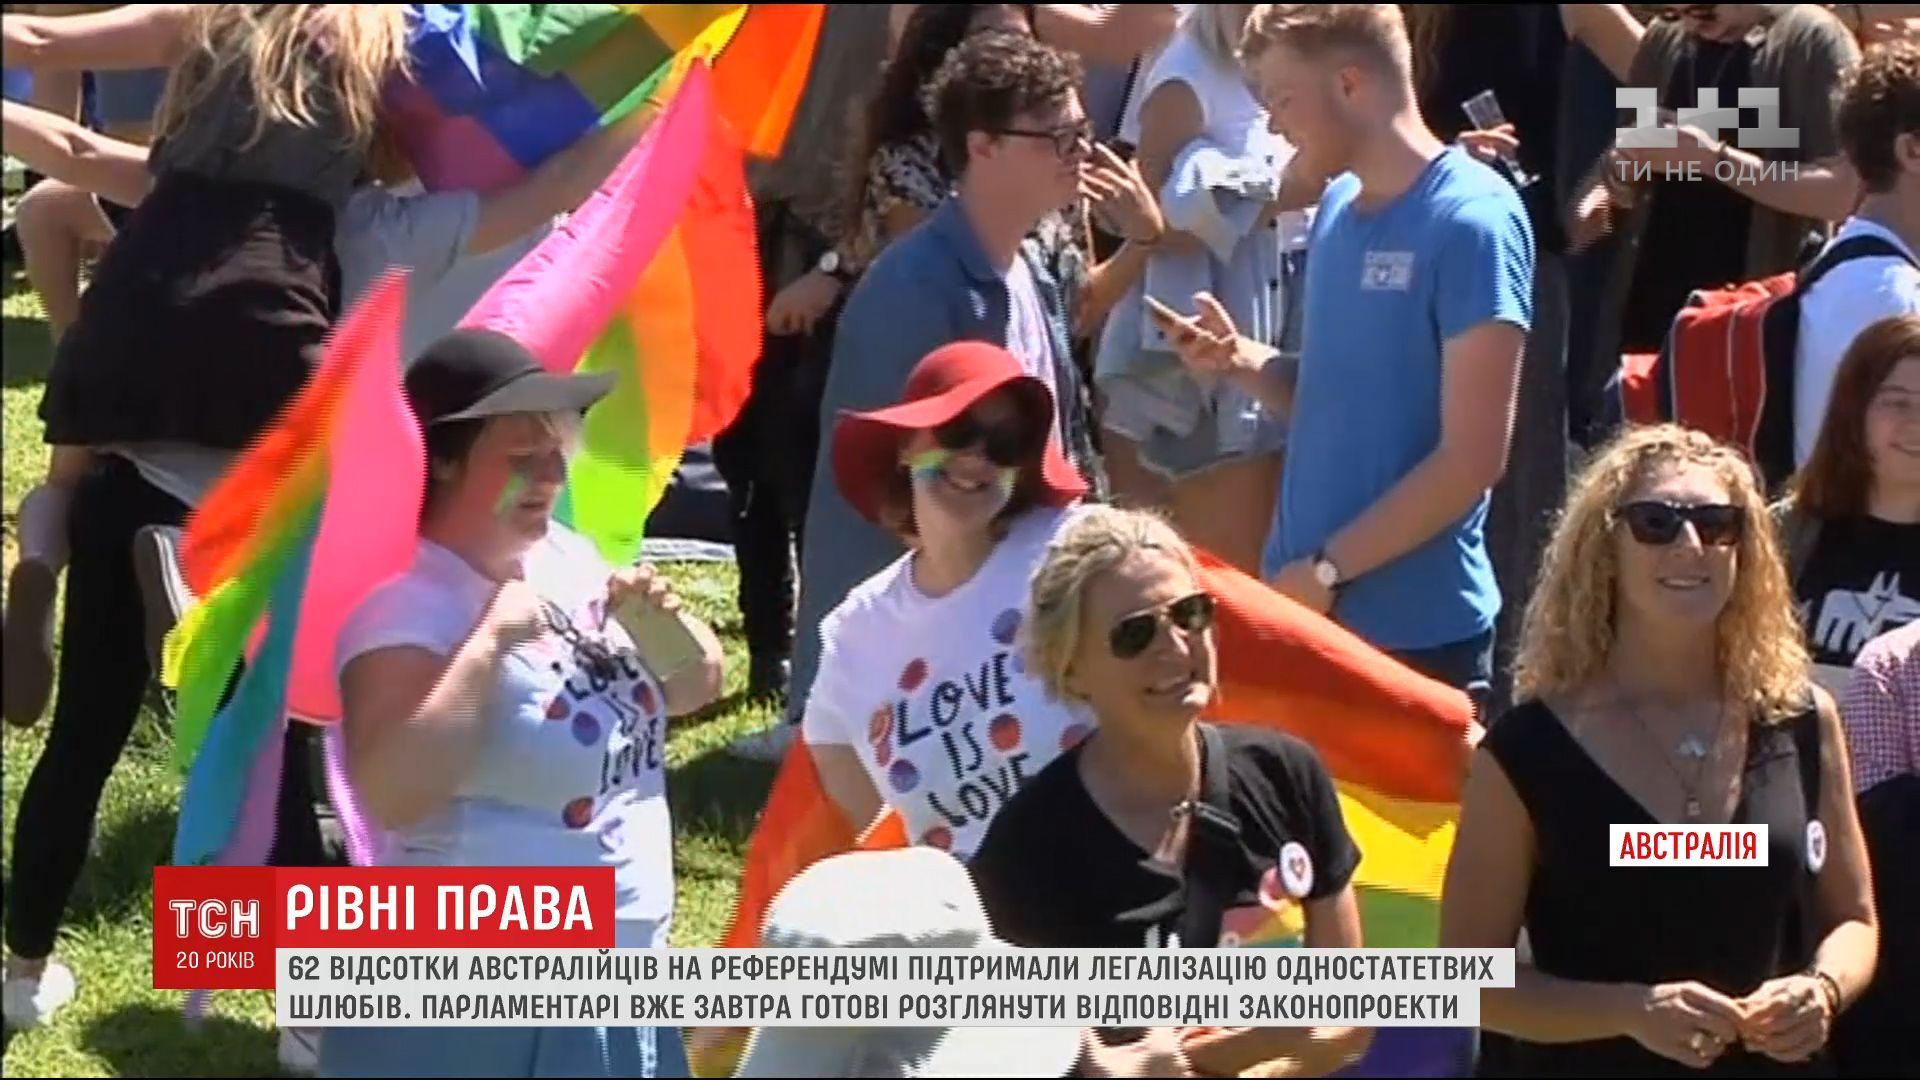 Австралійці на референдумі підтримали легалізацію одностатевих союзів